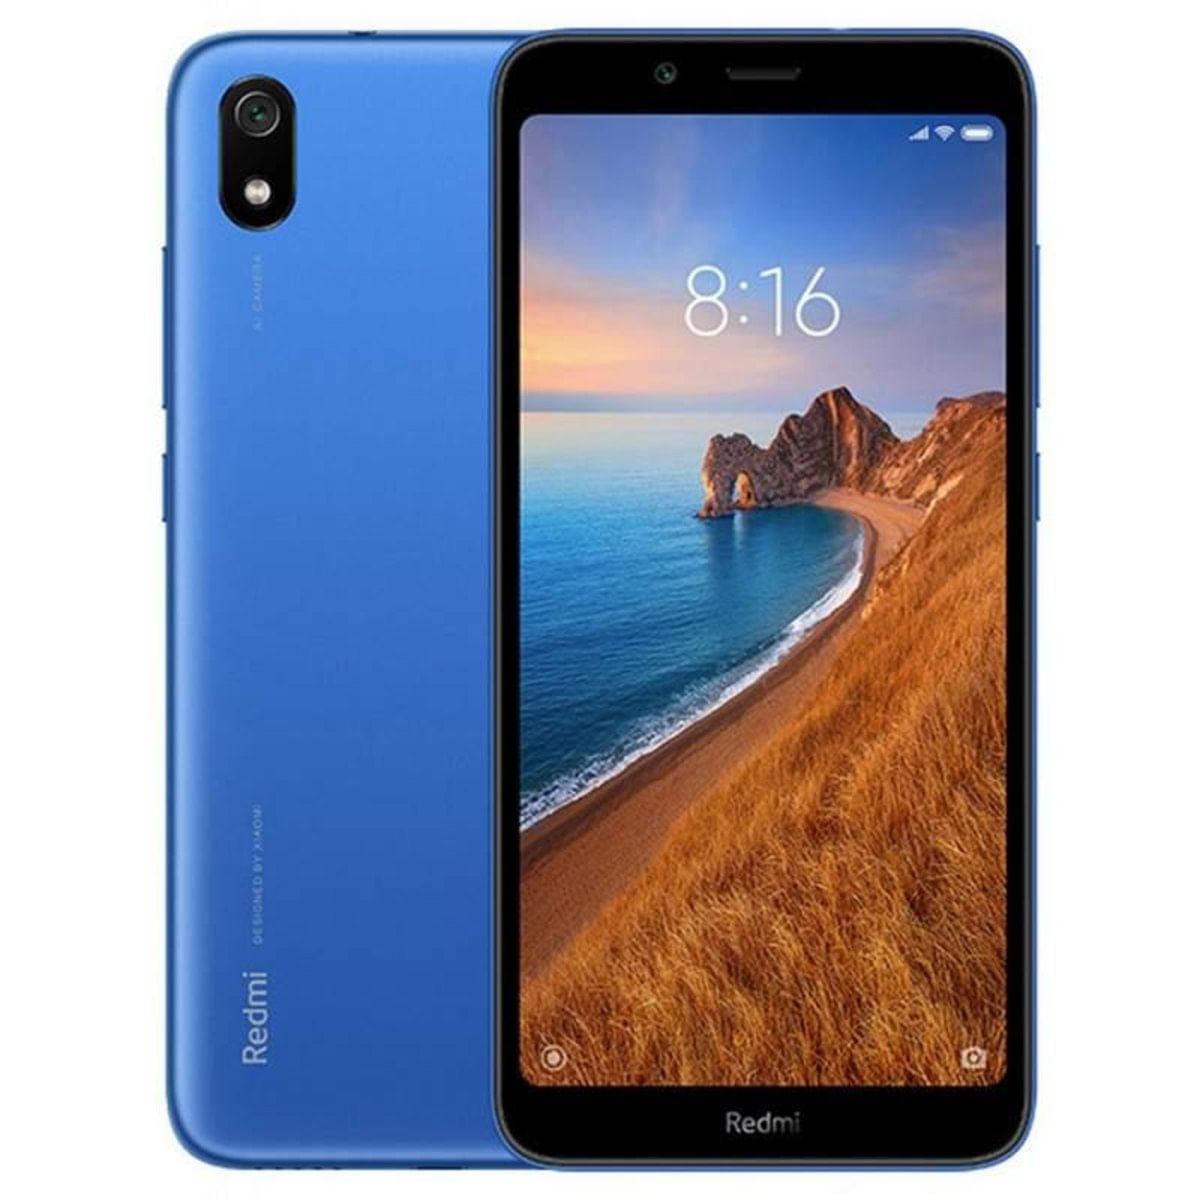 Celular Smartphone Xiaomi Redmi 7a 16gb Azul - Dual Chip